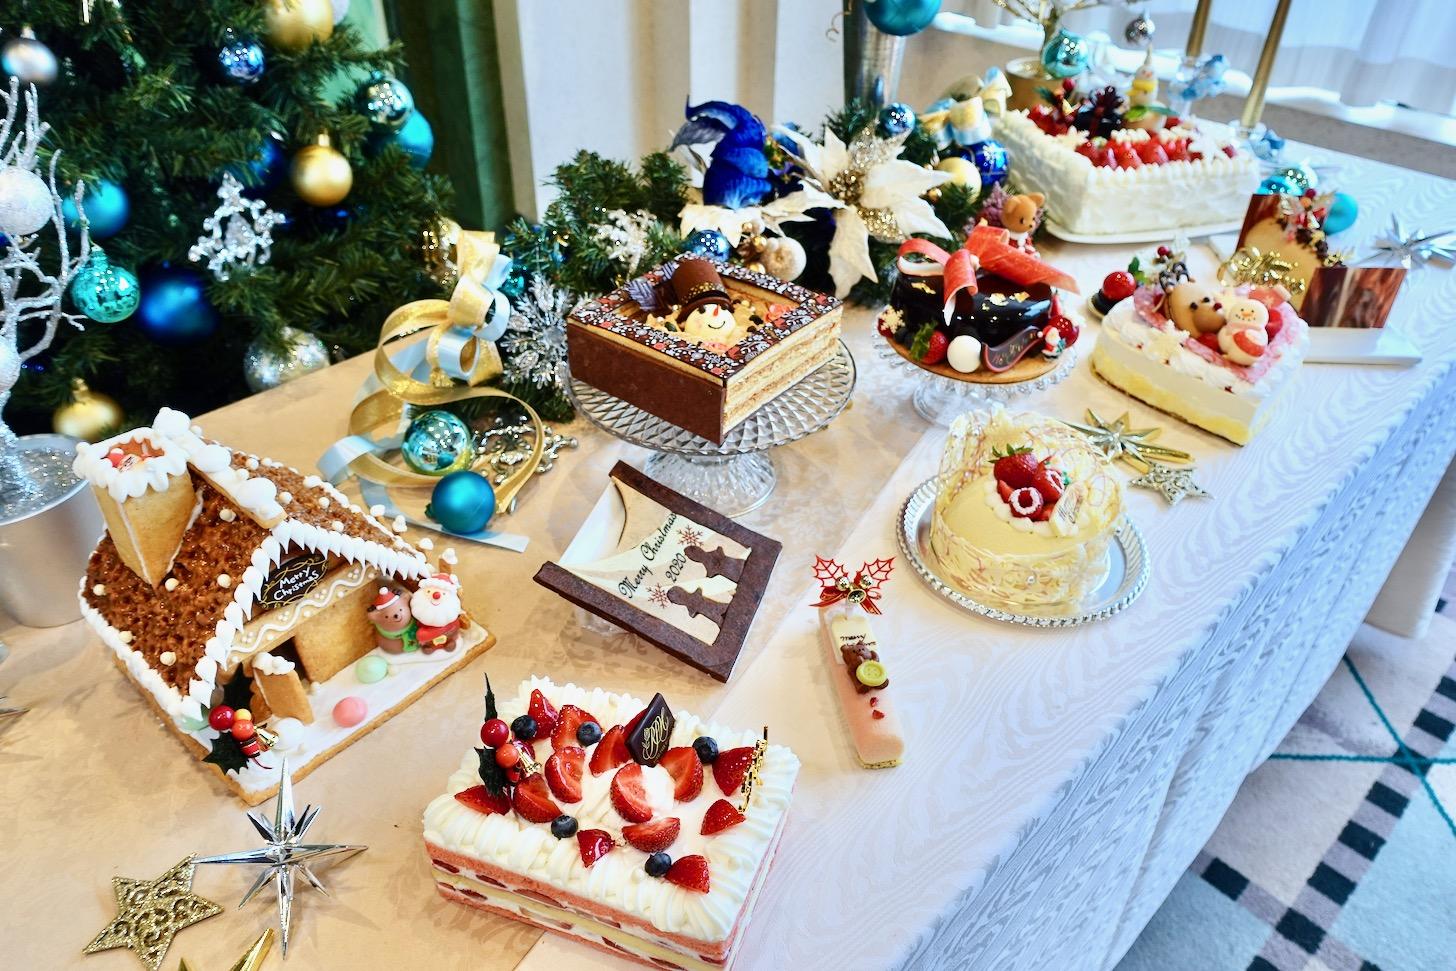 ロイヤルパークホテルでクリスマススイーツコンテスト入賞作品が10月から予約開始